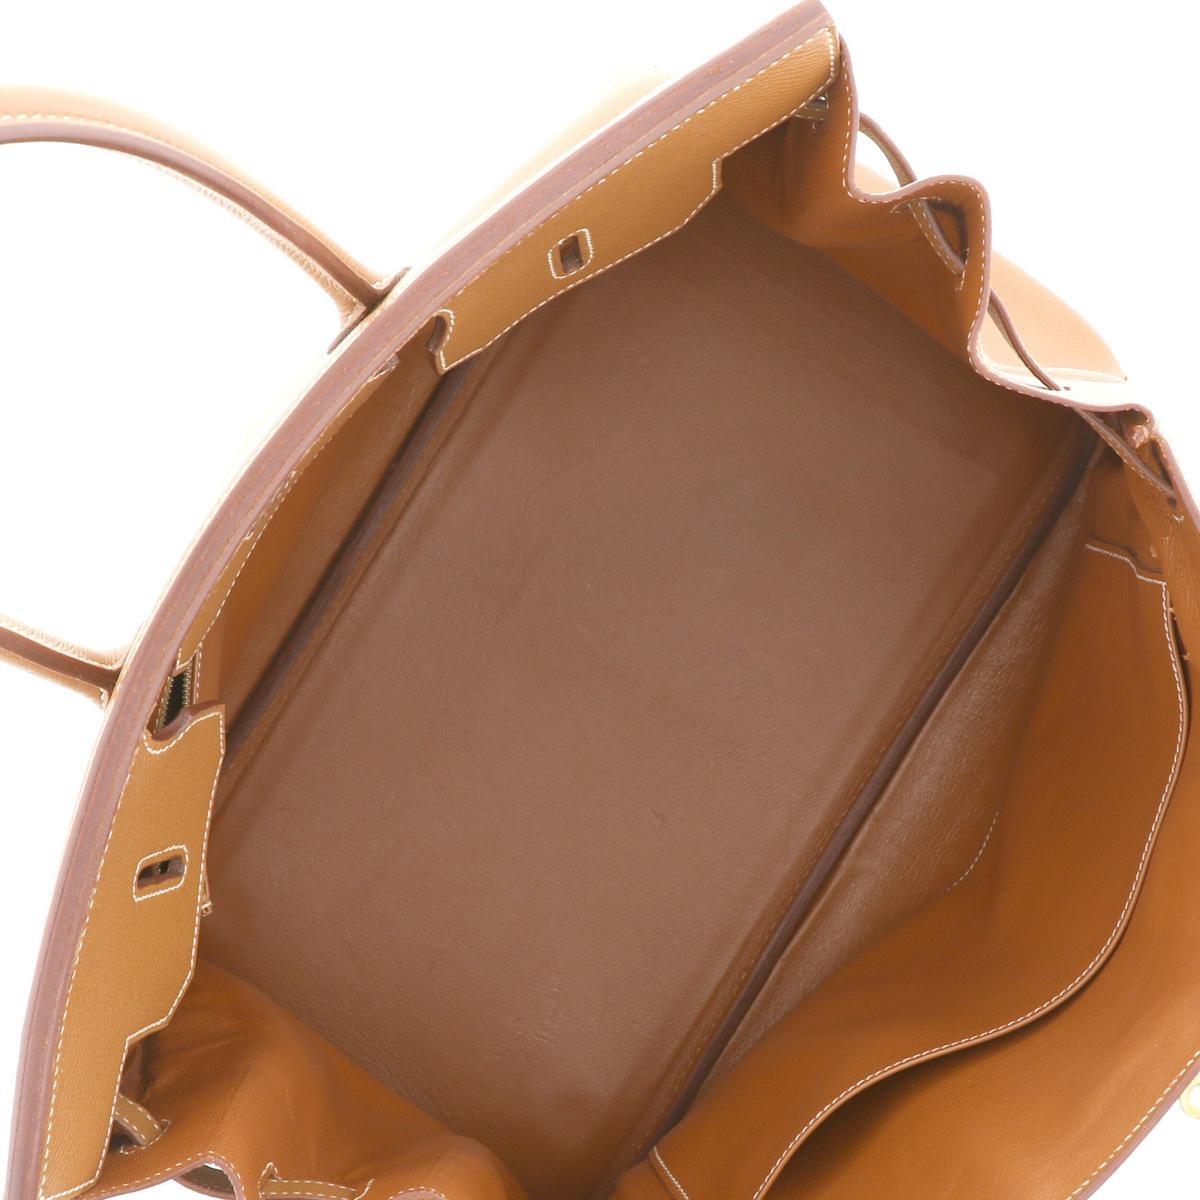 【中古】 HERMES (エルメス) バーキン35 バッグ ハンドバッグ  Brown